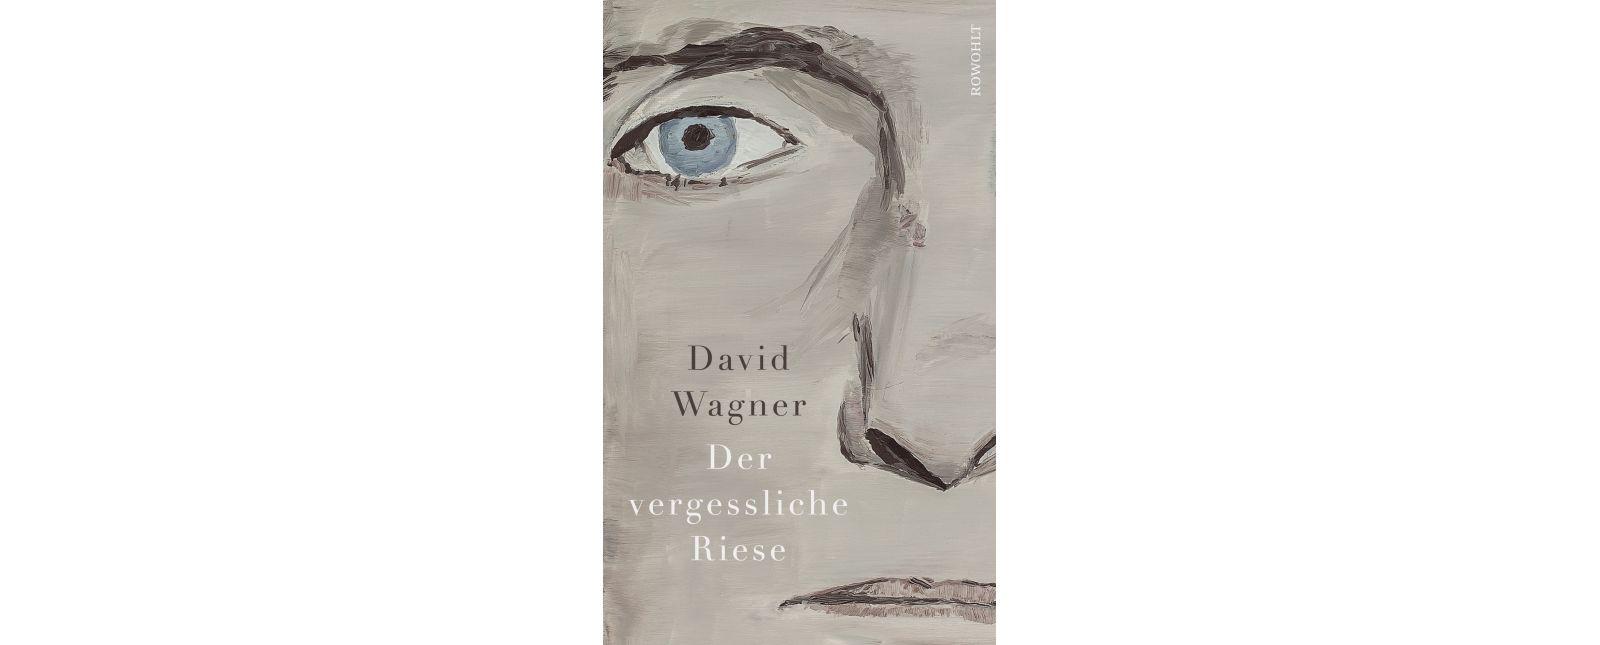 Der vergessliche Riese // David Wagner // Buchcover: Rowohlt